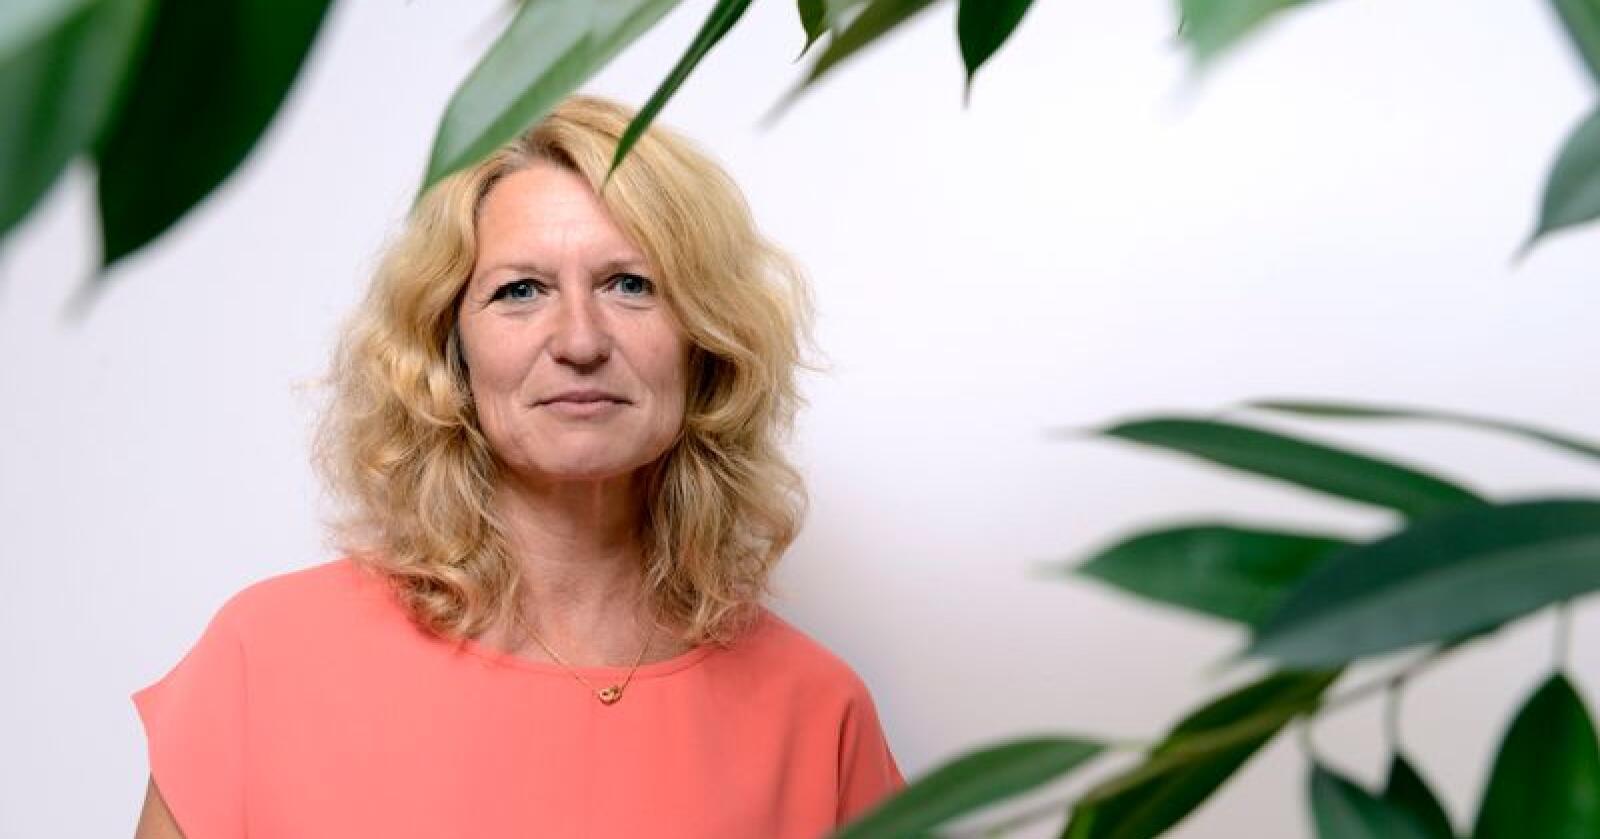 Katrine Røed Meberg i Gartnerforbundet vil ha bedre vilkår for produksjon av grønnsaker, frukt og bær i Norge. Foto: Mariann Tvete